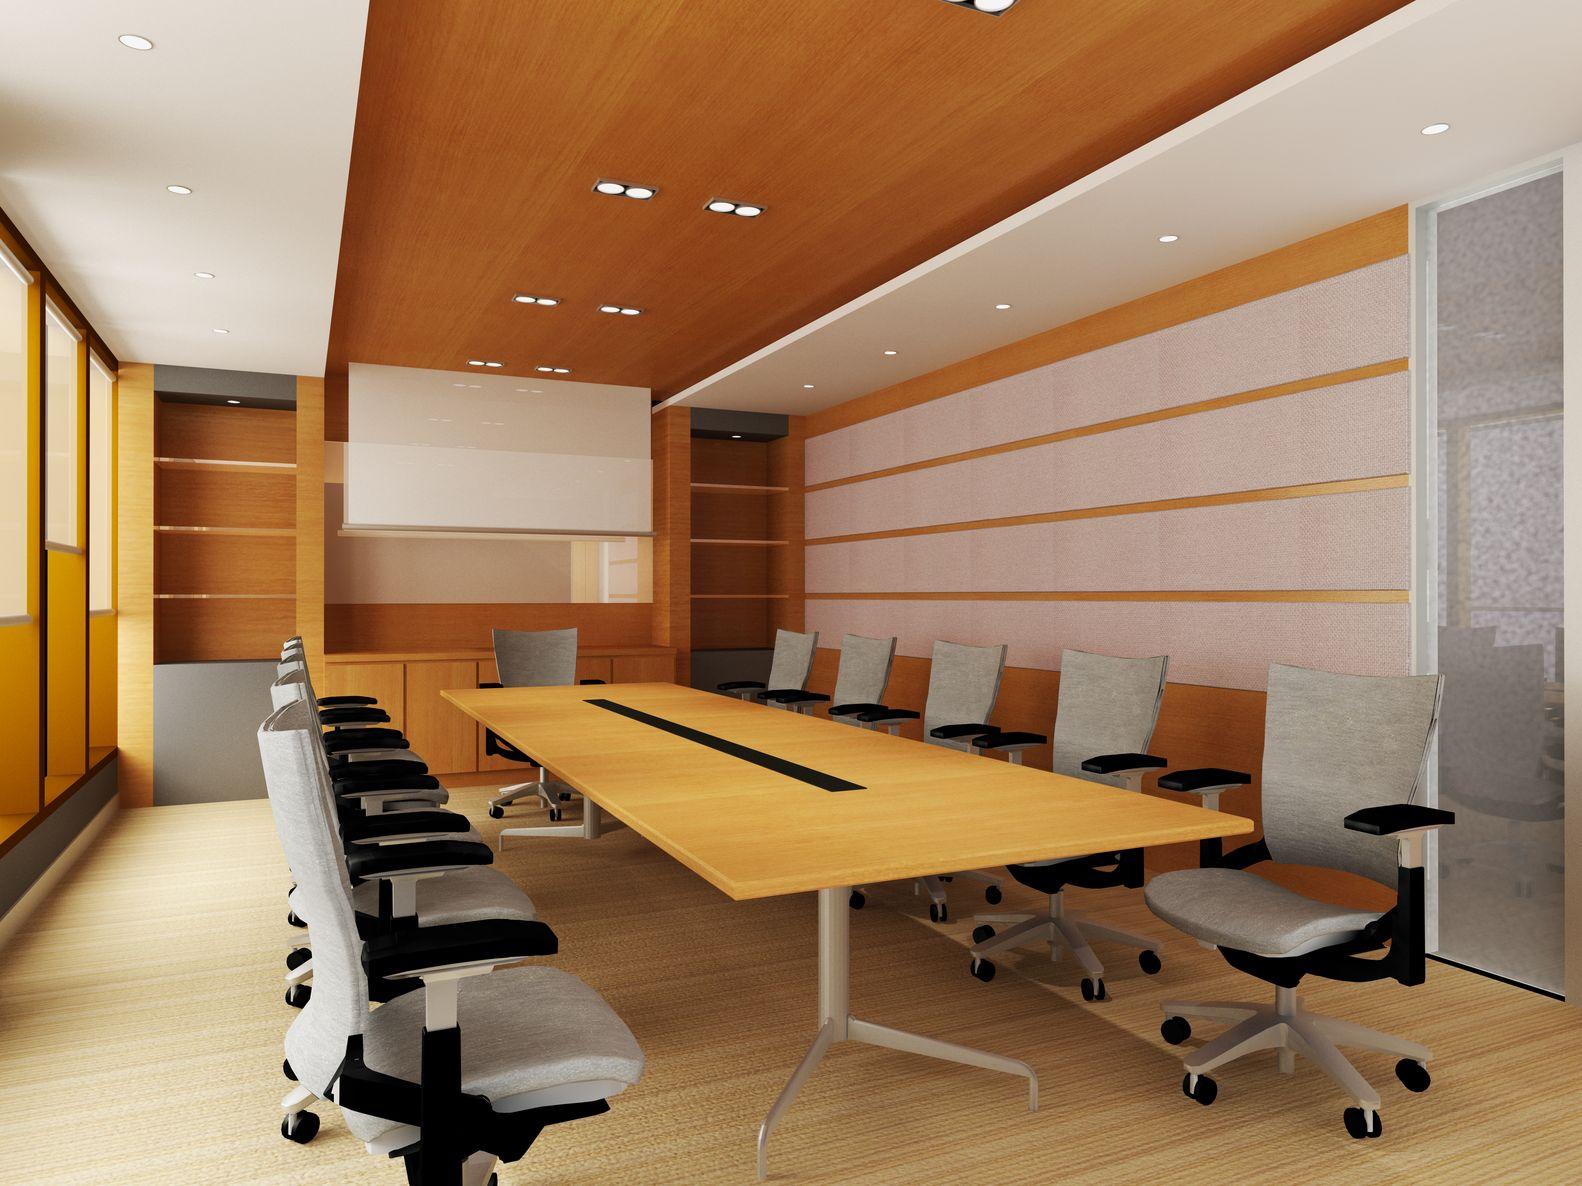 משרד לאחר ניקיון יסודי